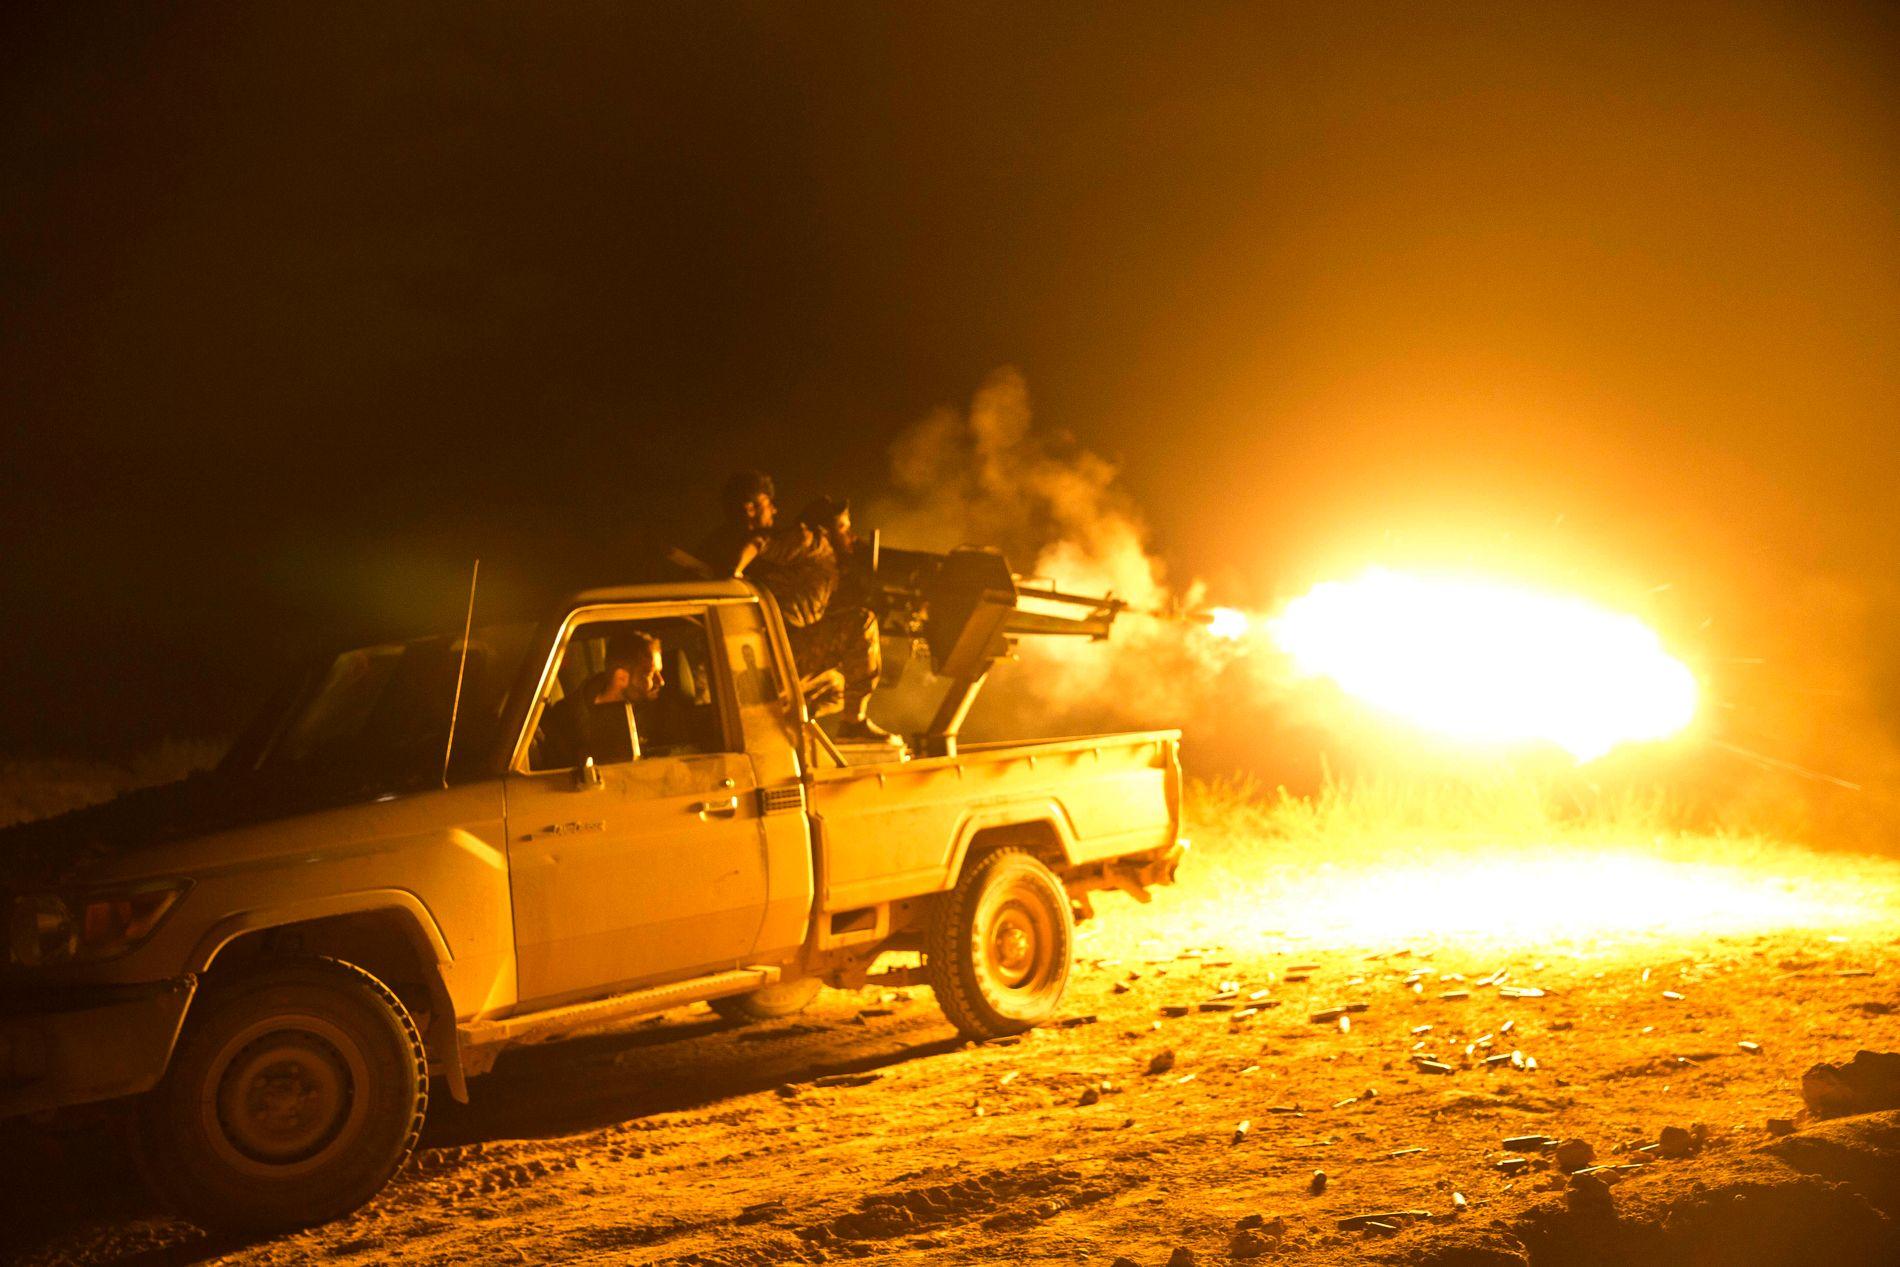 Kampene om Baghouz i Syria fortsatte fredag kveld, selv om president Donald Trumps talskvinne Sarah Sanders hevdet at IS nå er helt nedkjempet. Dette bildet av USA-støttede SDF-opprørere ble tatt mandag. Foto: AP / NTB scanpix